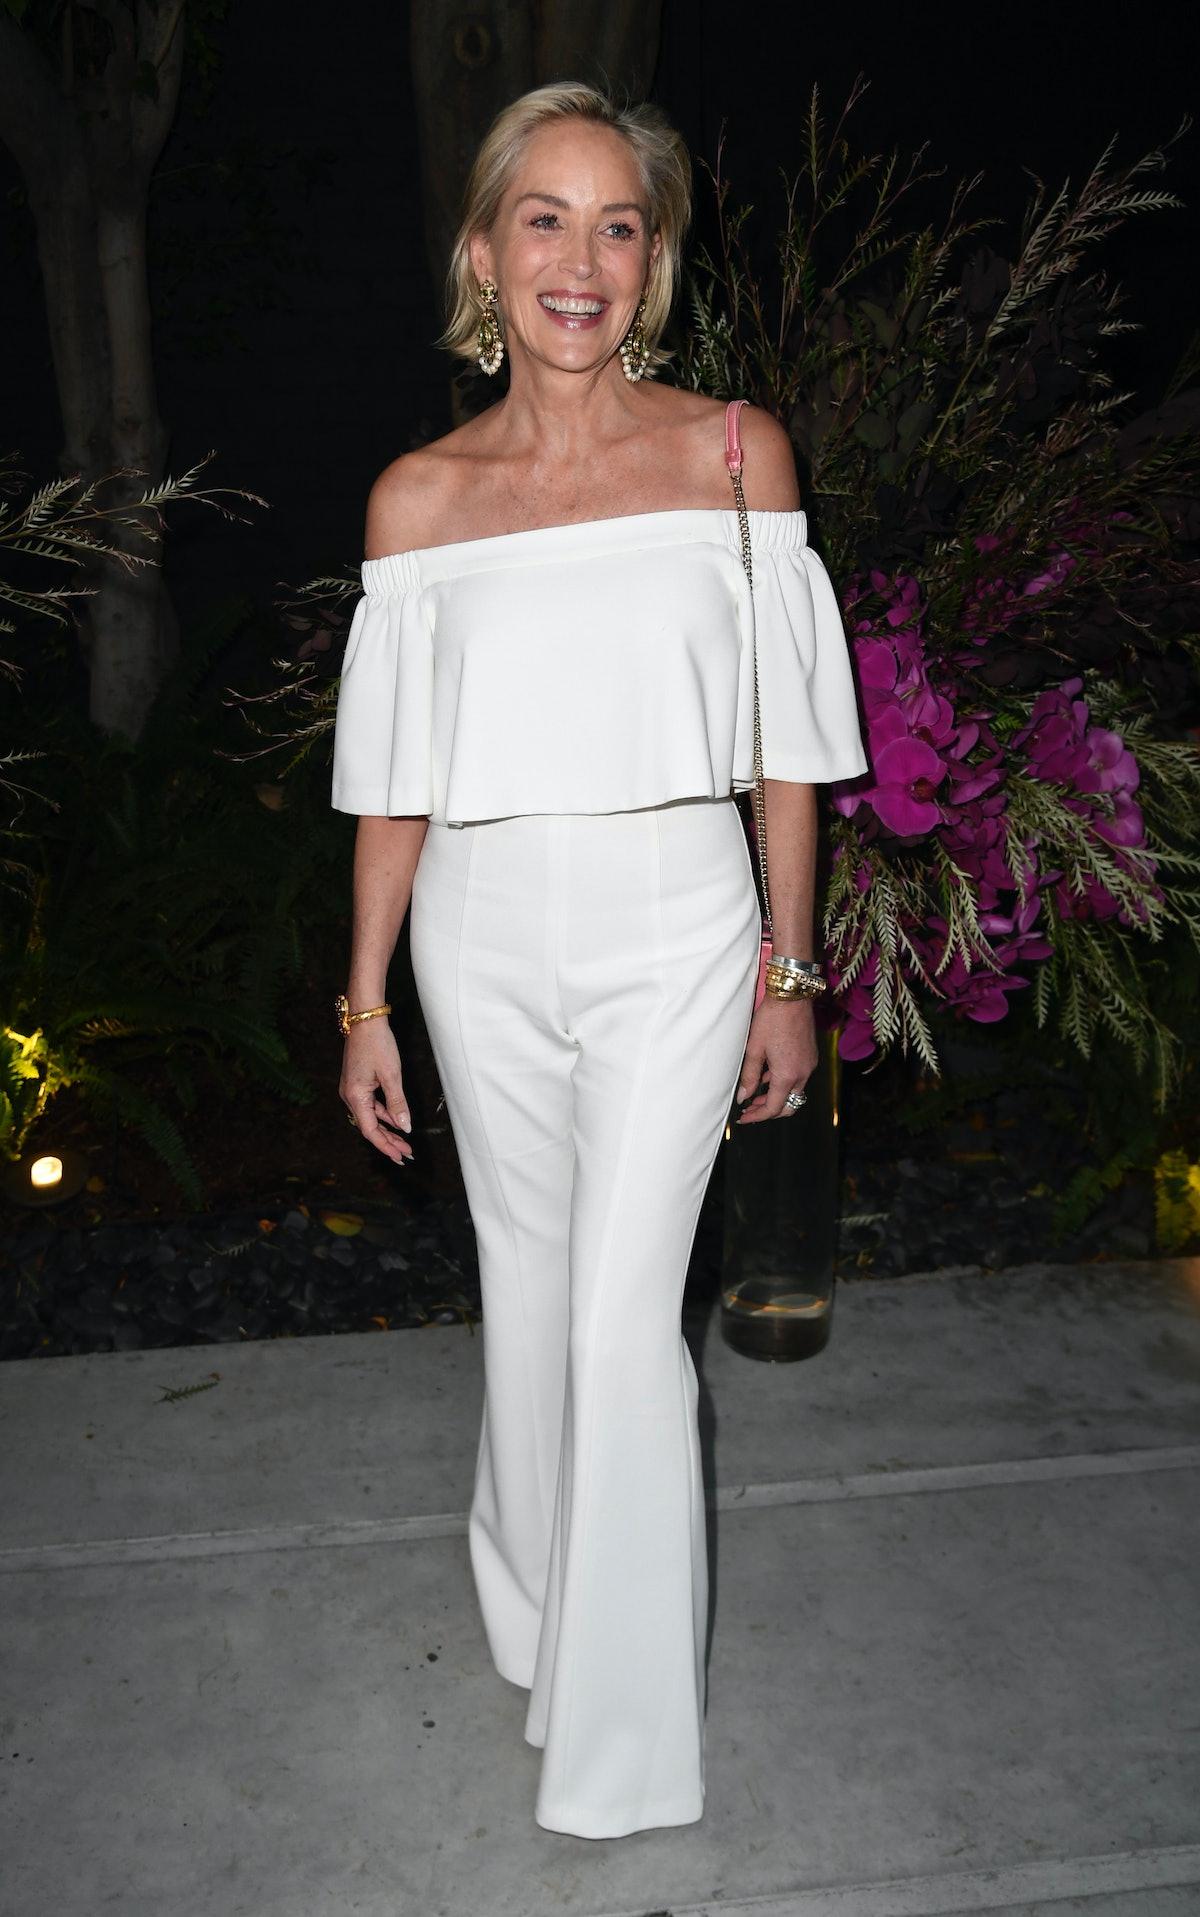 شارون تمام لباس سفید پوشیده است